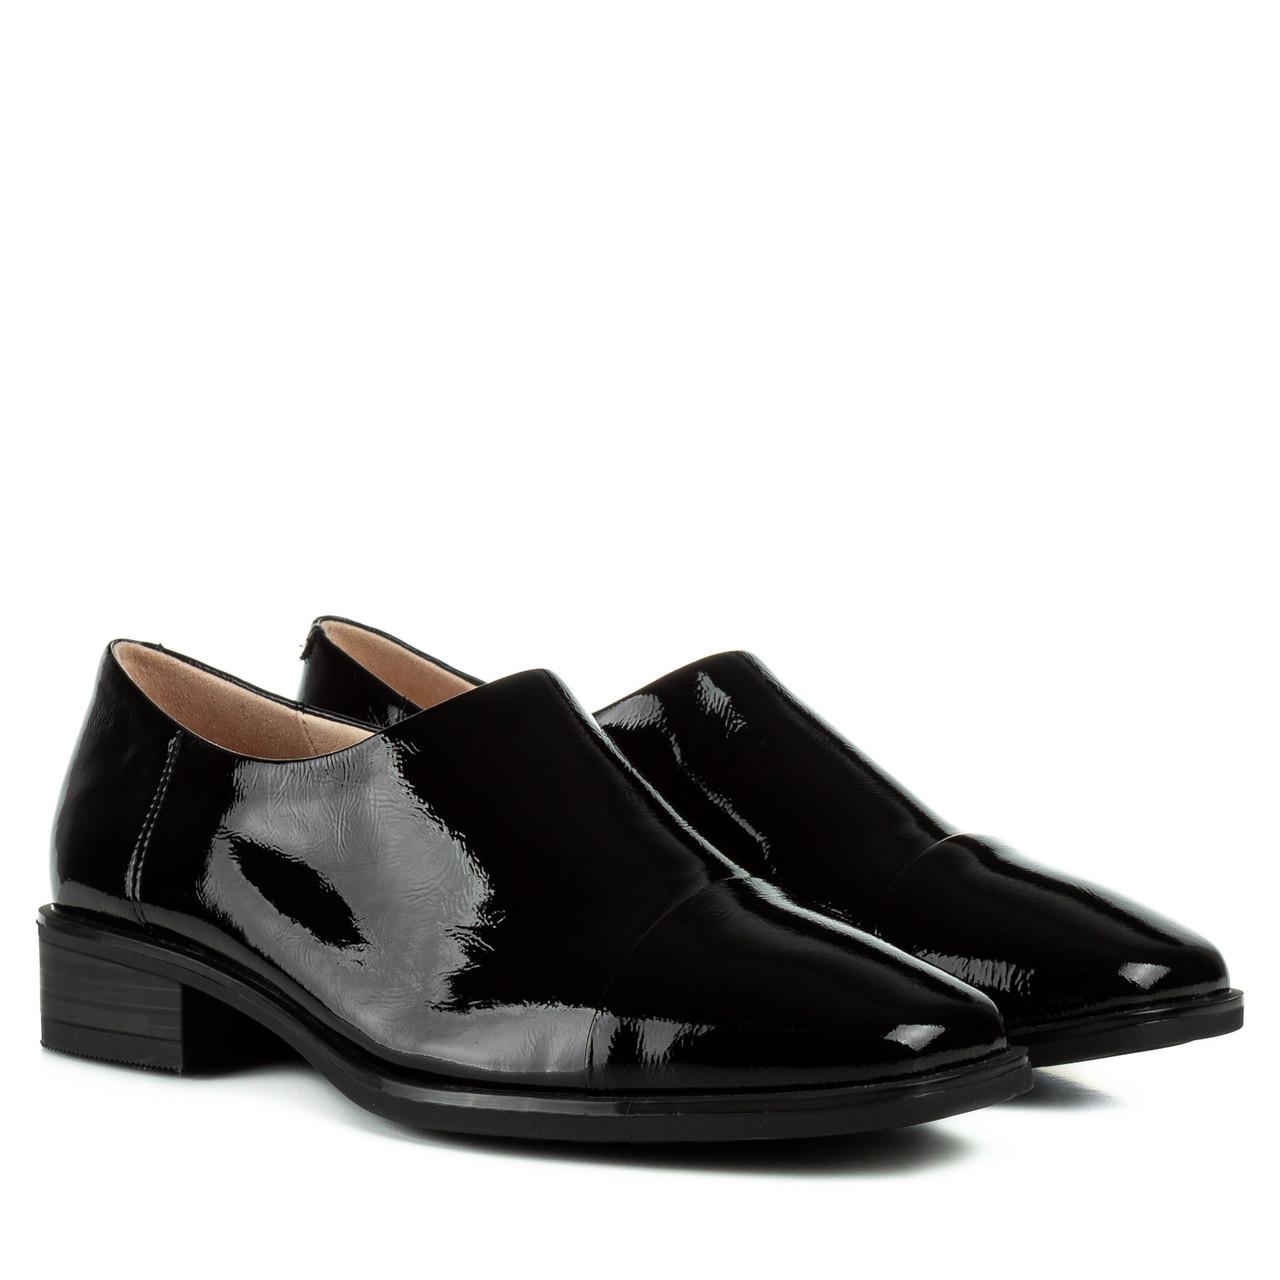 Туфли женские Geronea(лаконичный модный дизайн, натуральная лакированная кожа, удобная колодка)